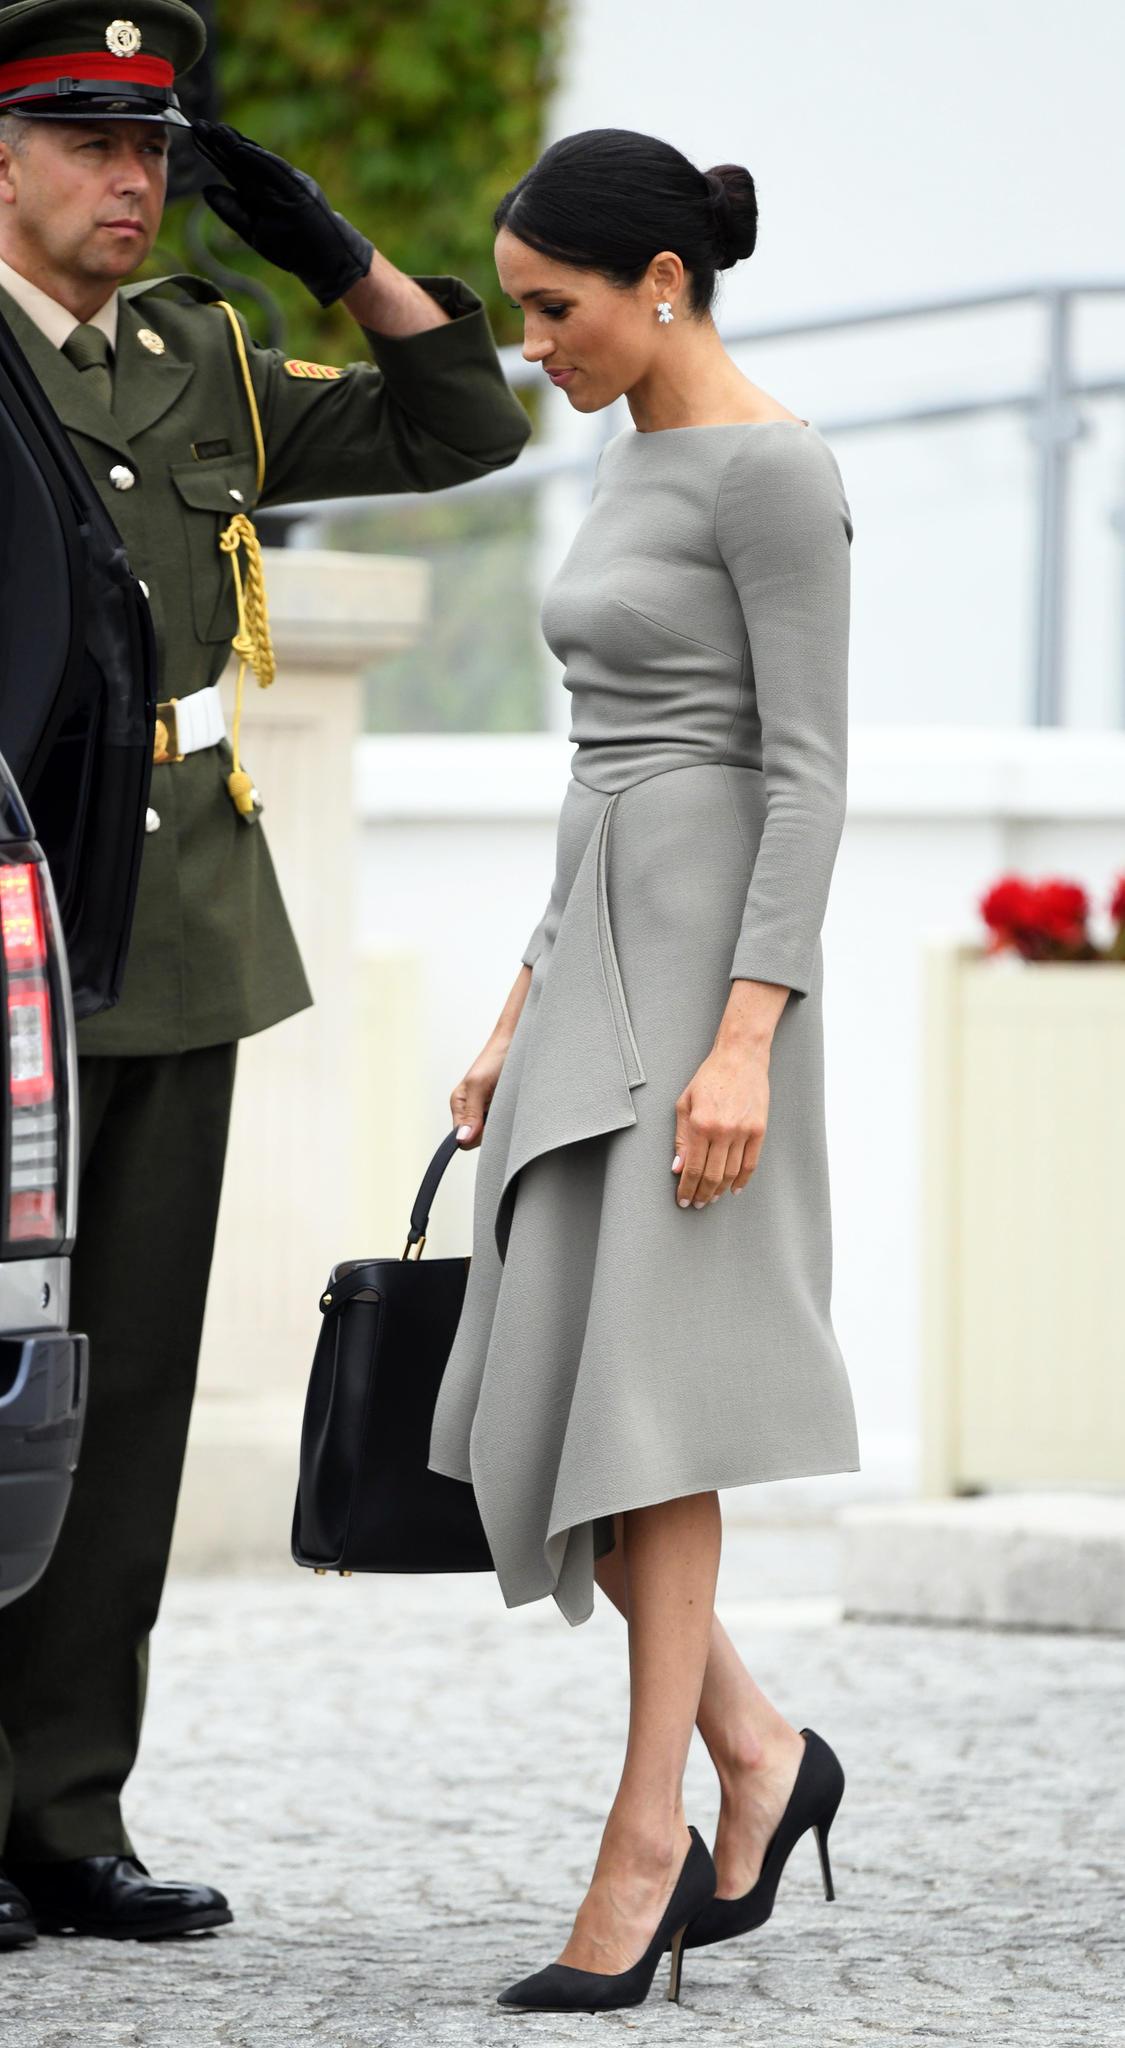 Herzogin Meghan im Juli 2018 - damals war sie vermutlich schon schwanger.